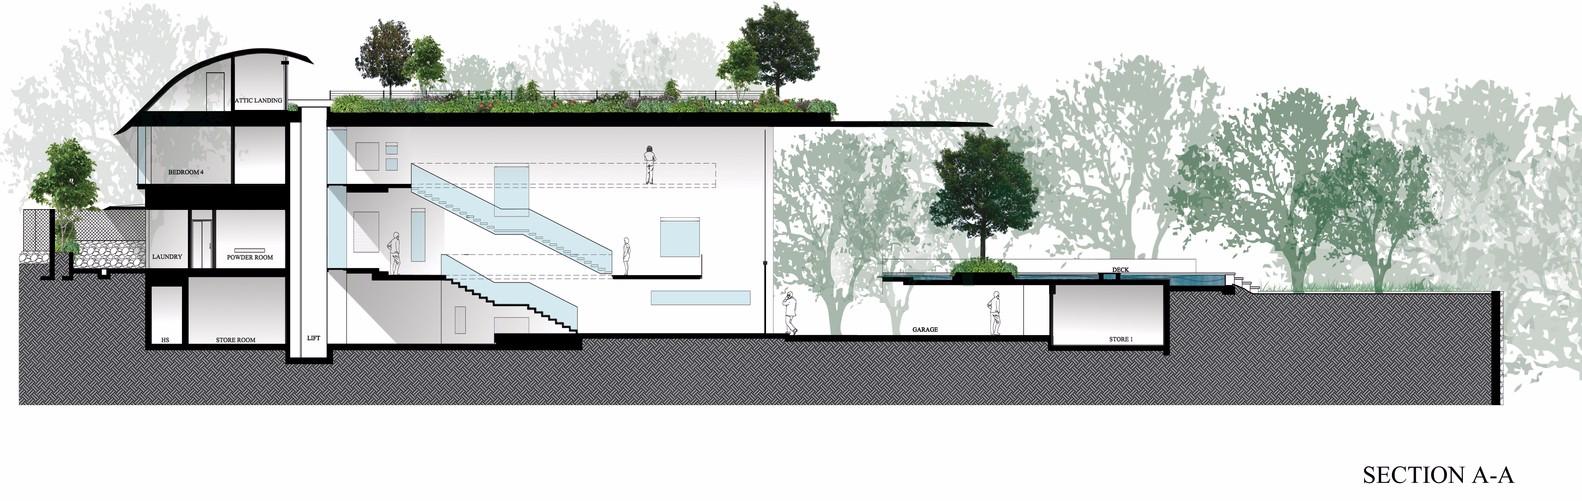 Dalvey_House_Section_A-A.jpg